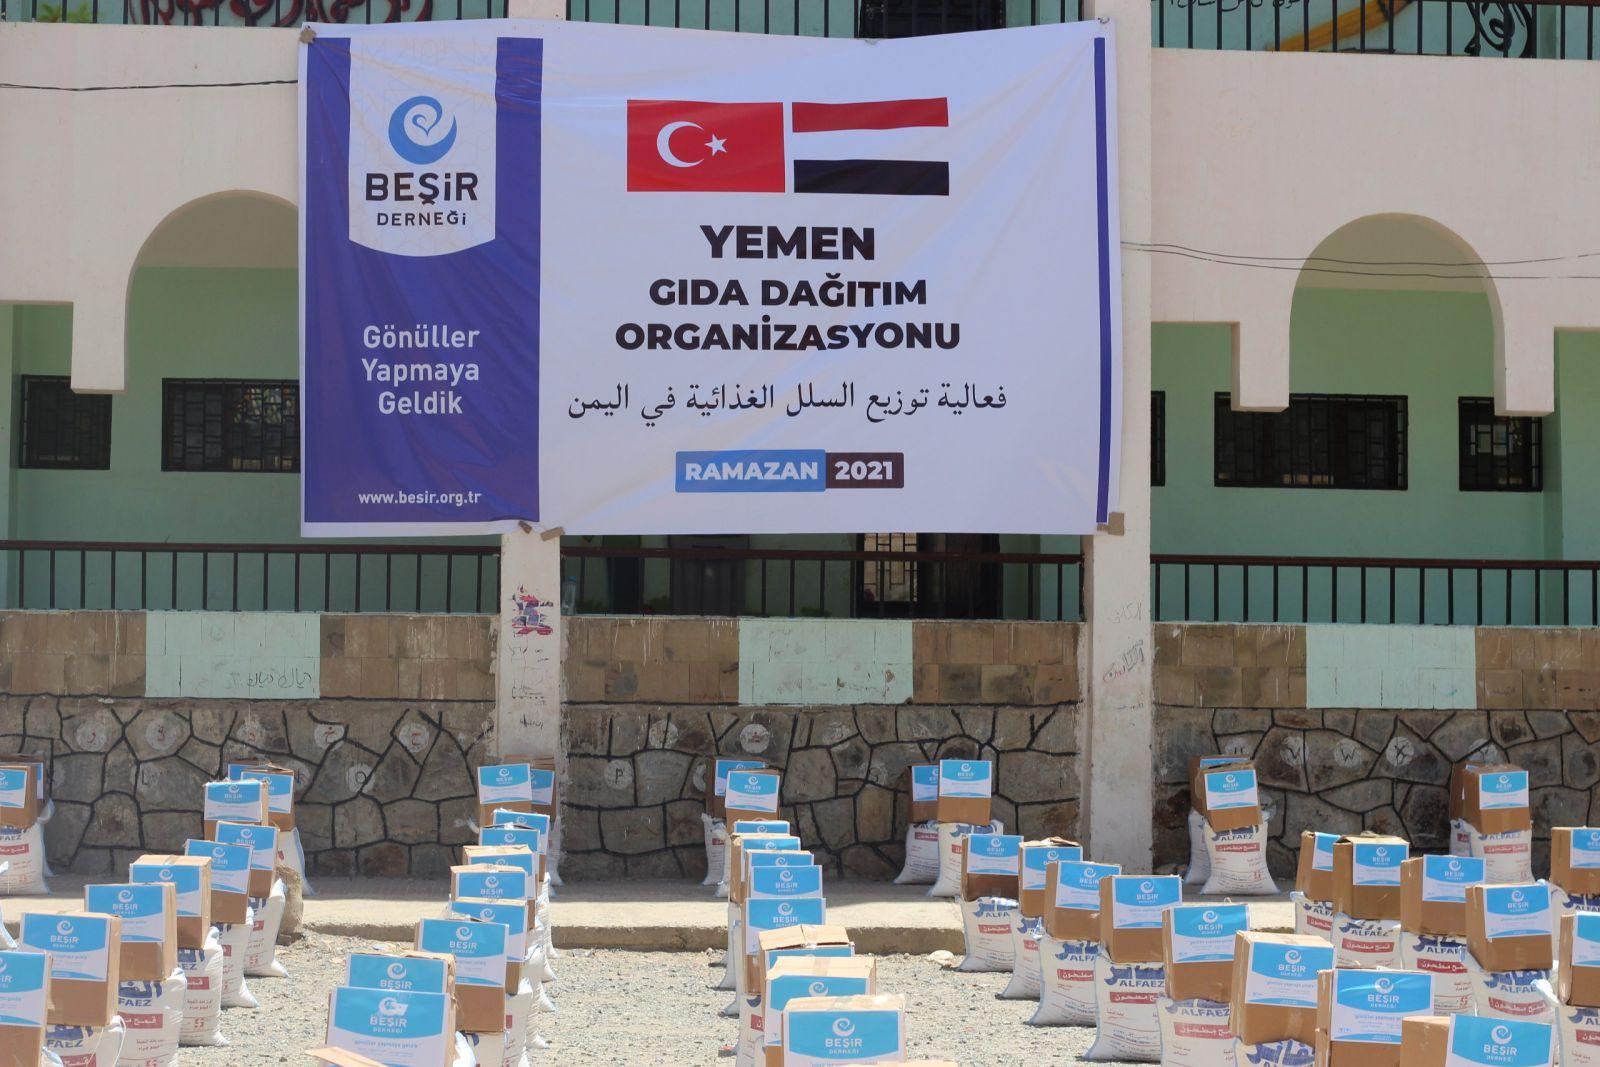 Yemen'de Gıda Dağıtım Organizasyonu